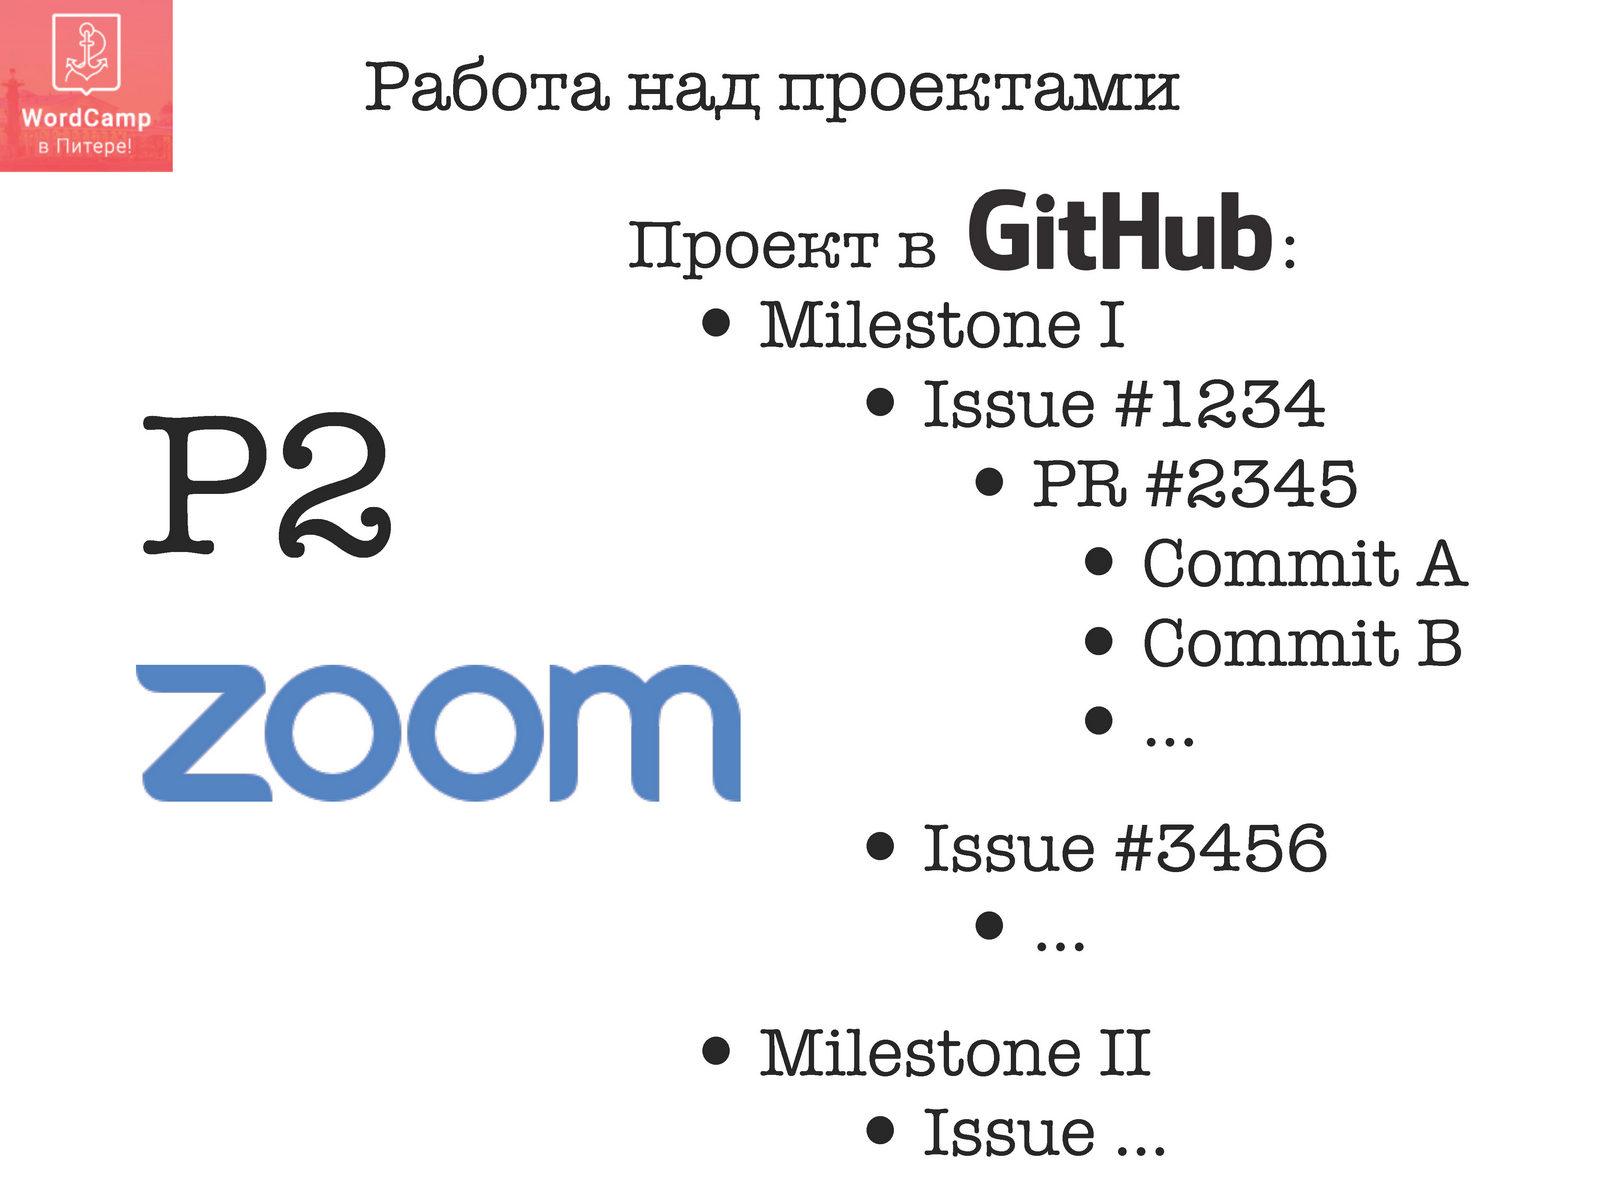 Тимур Гоголев - 100% распределенная компания мифы или реальность_Page_16